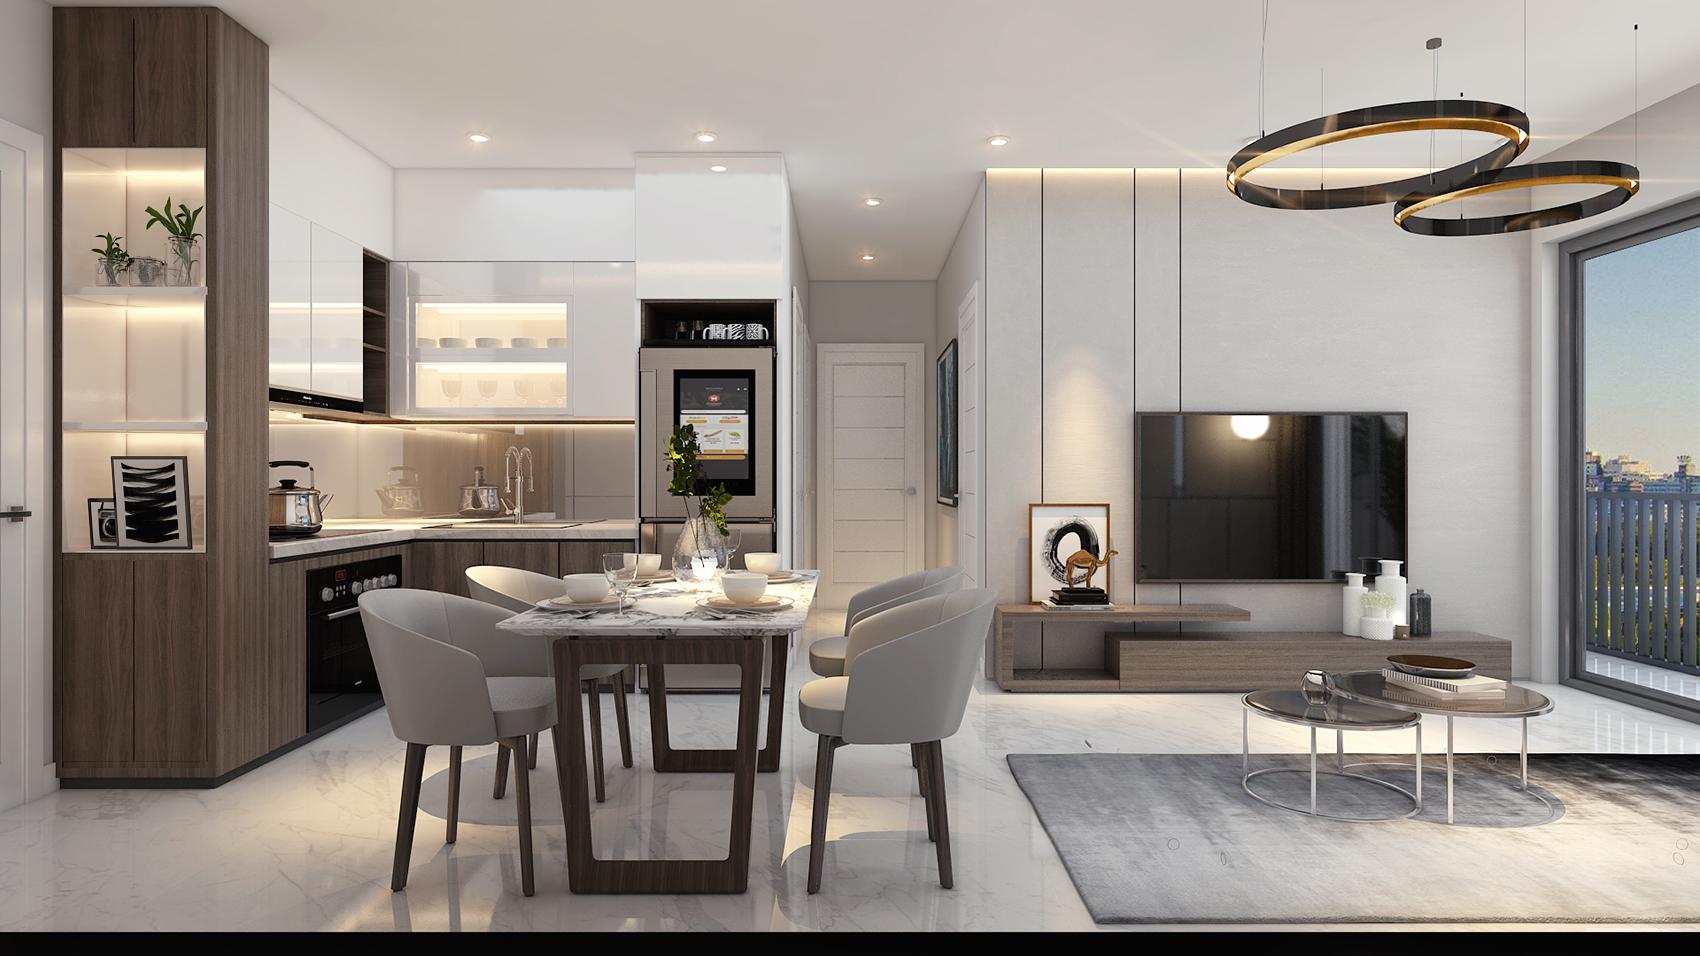 Thêm một căn hộ mang đến cho khách hàng sự hoàn hảo tại Safira Khang Điền - Khang Điền HCM